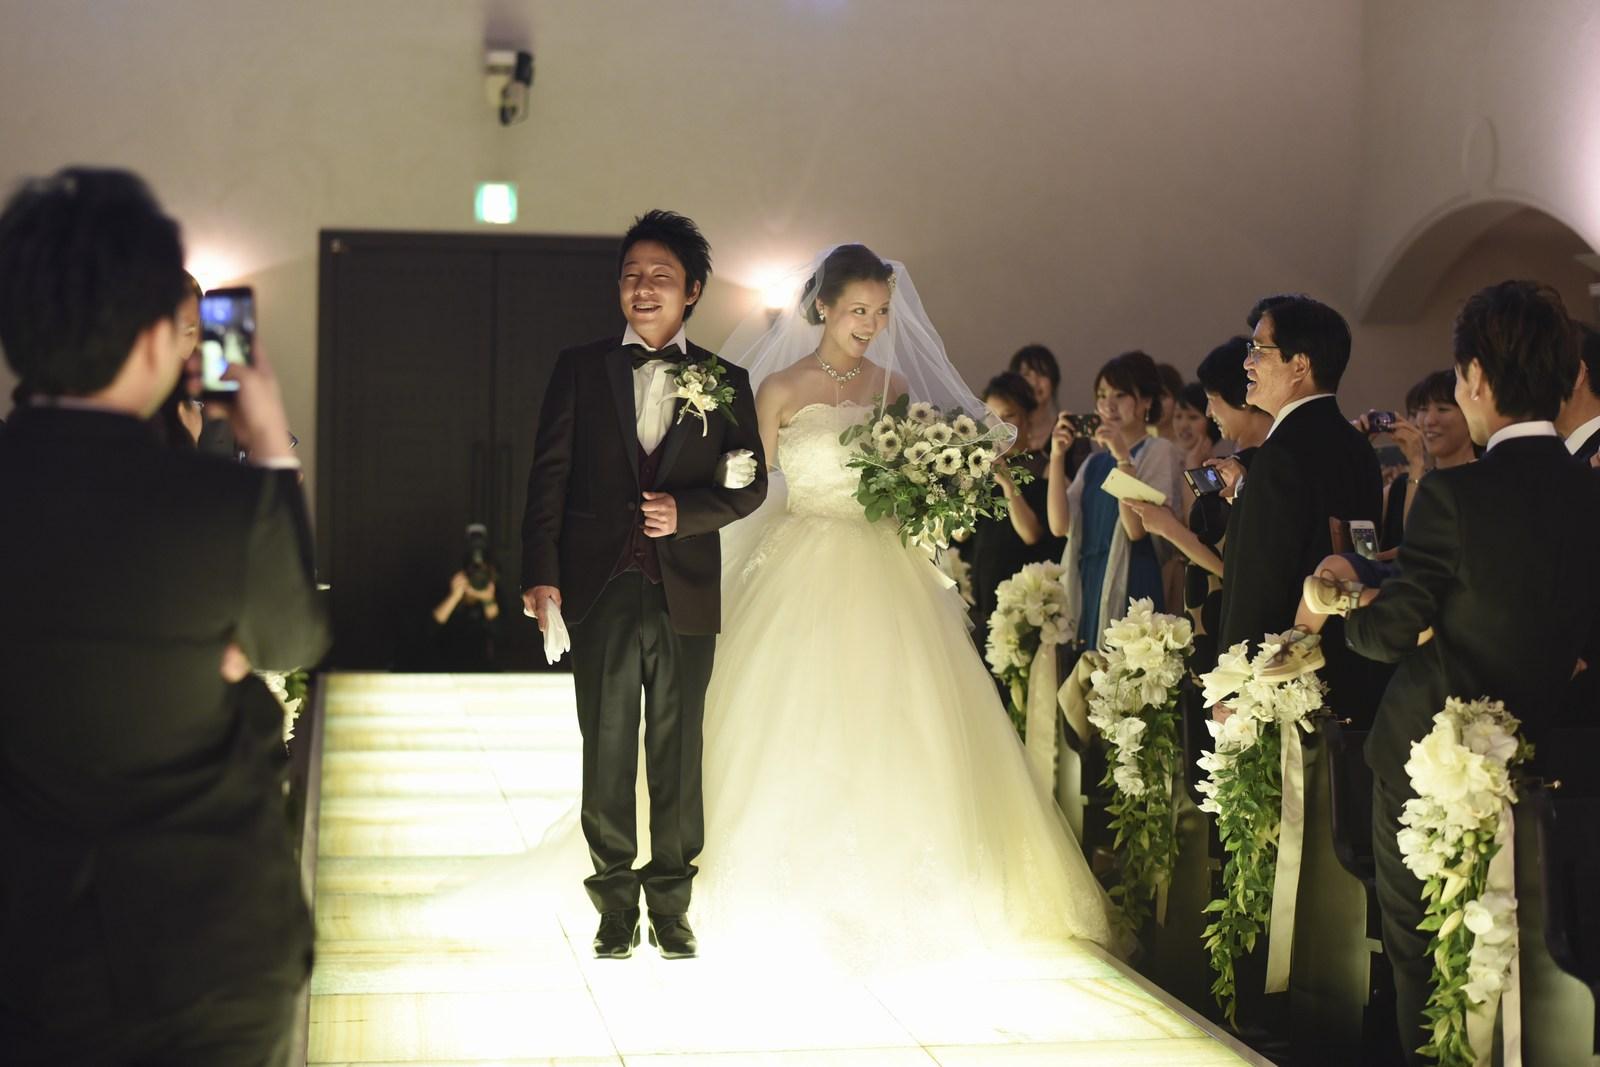 香川県の結婚式場シェルエメールのバージンロードを歩む新郎新婦